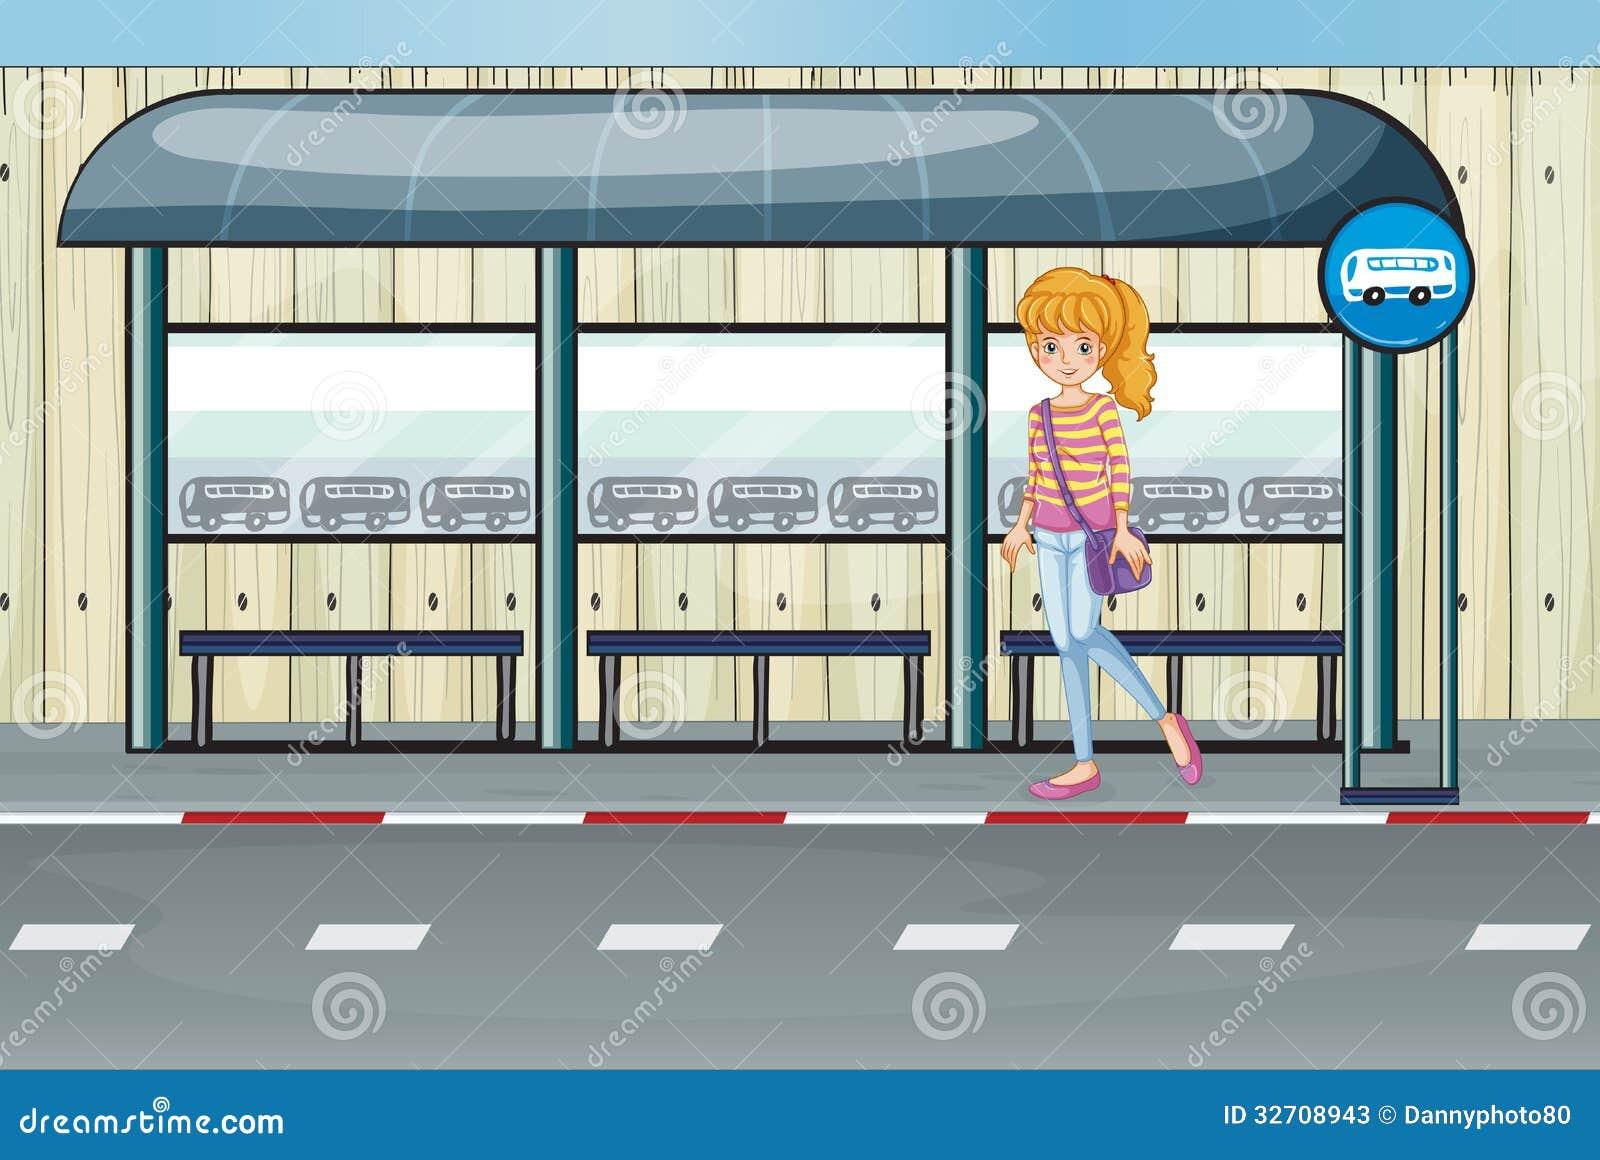 Секс на автобусной остановке 14 фотография